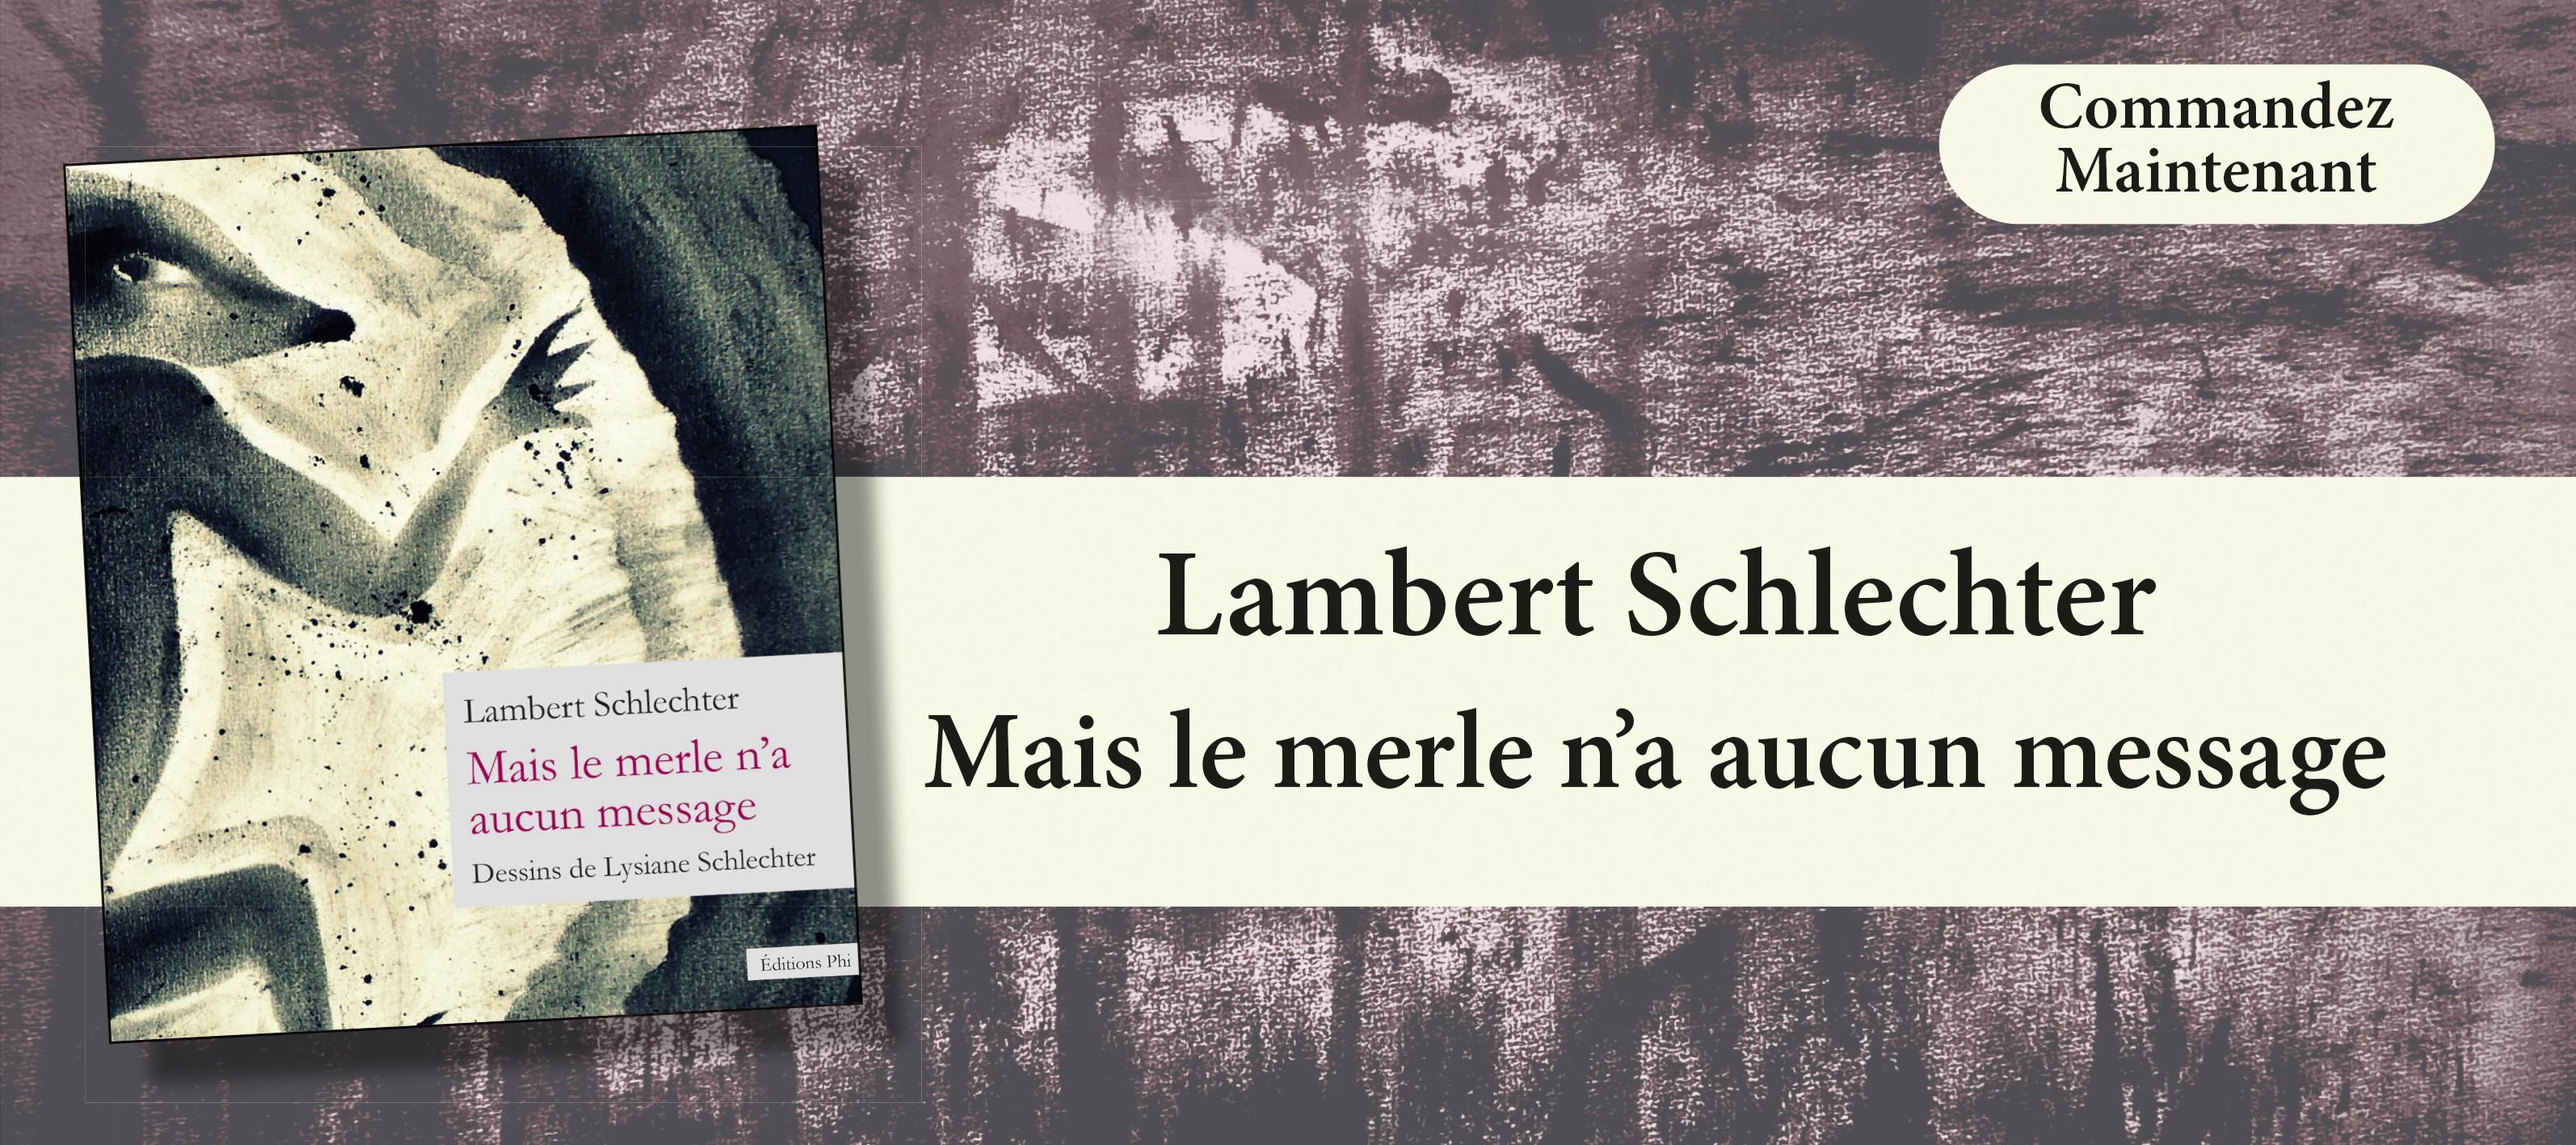 http://www.editionsphi.lu/fr/francais/480-lambert-schlechter-mais-le-merle-n-a-aucun-message.html